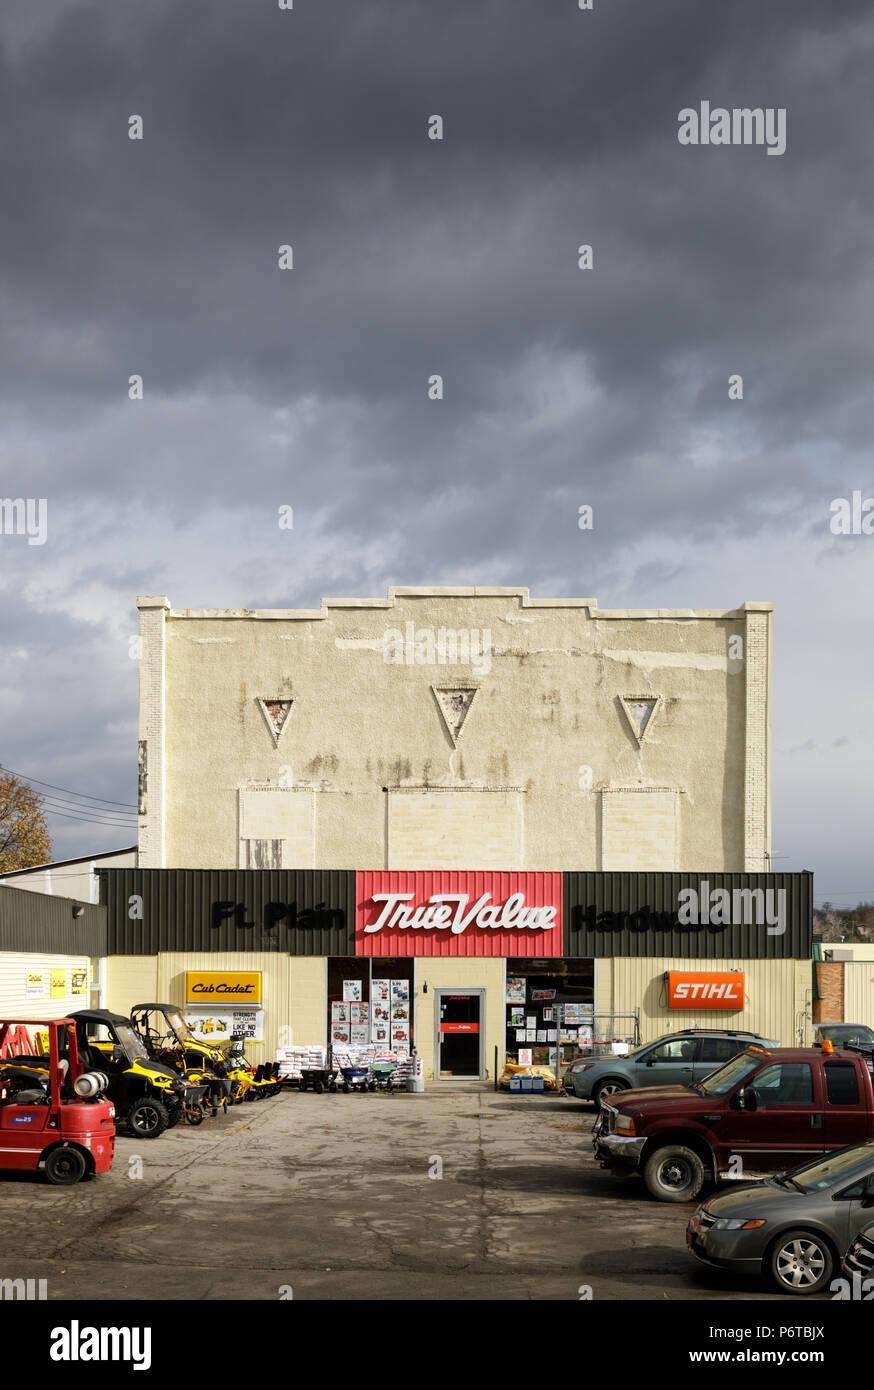 Fort pianura, nello Stato di New York, Stati Uniti d'America: un valore vero negozio di ferramenta. Immagini Stock